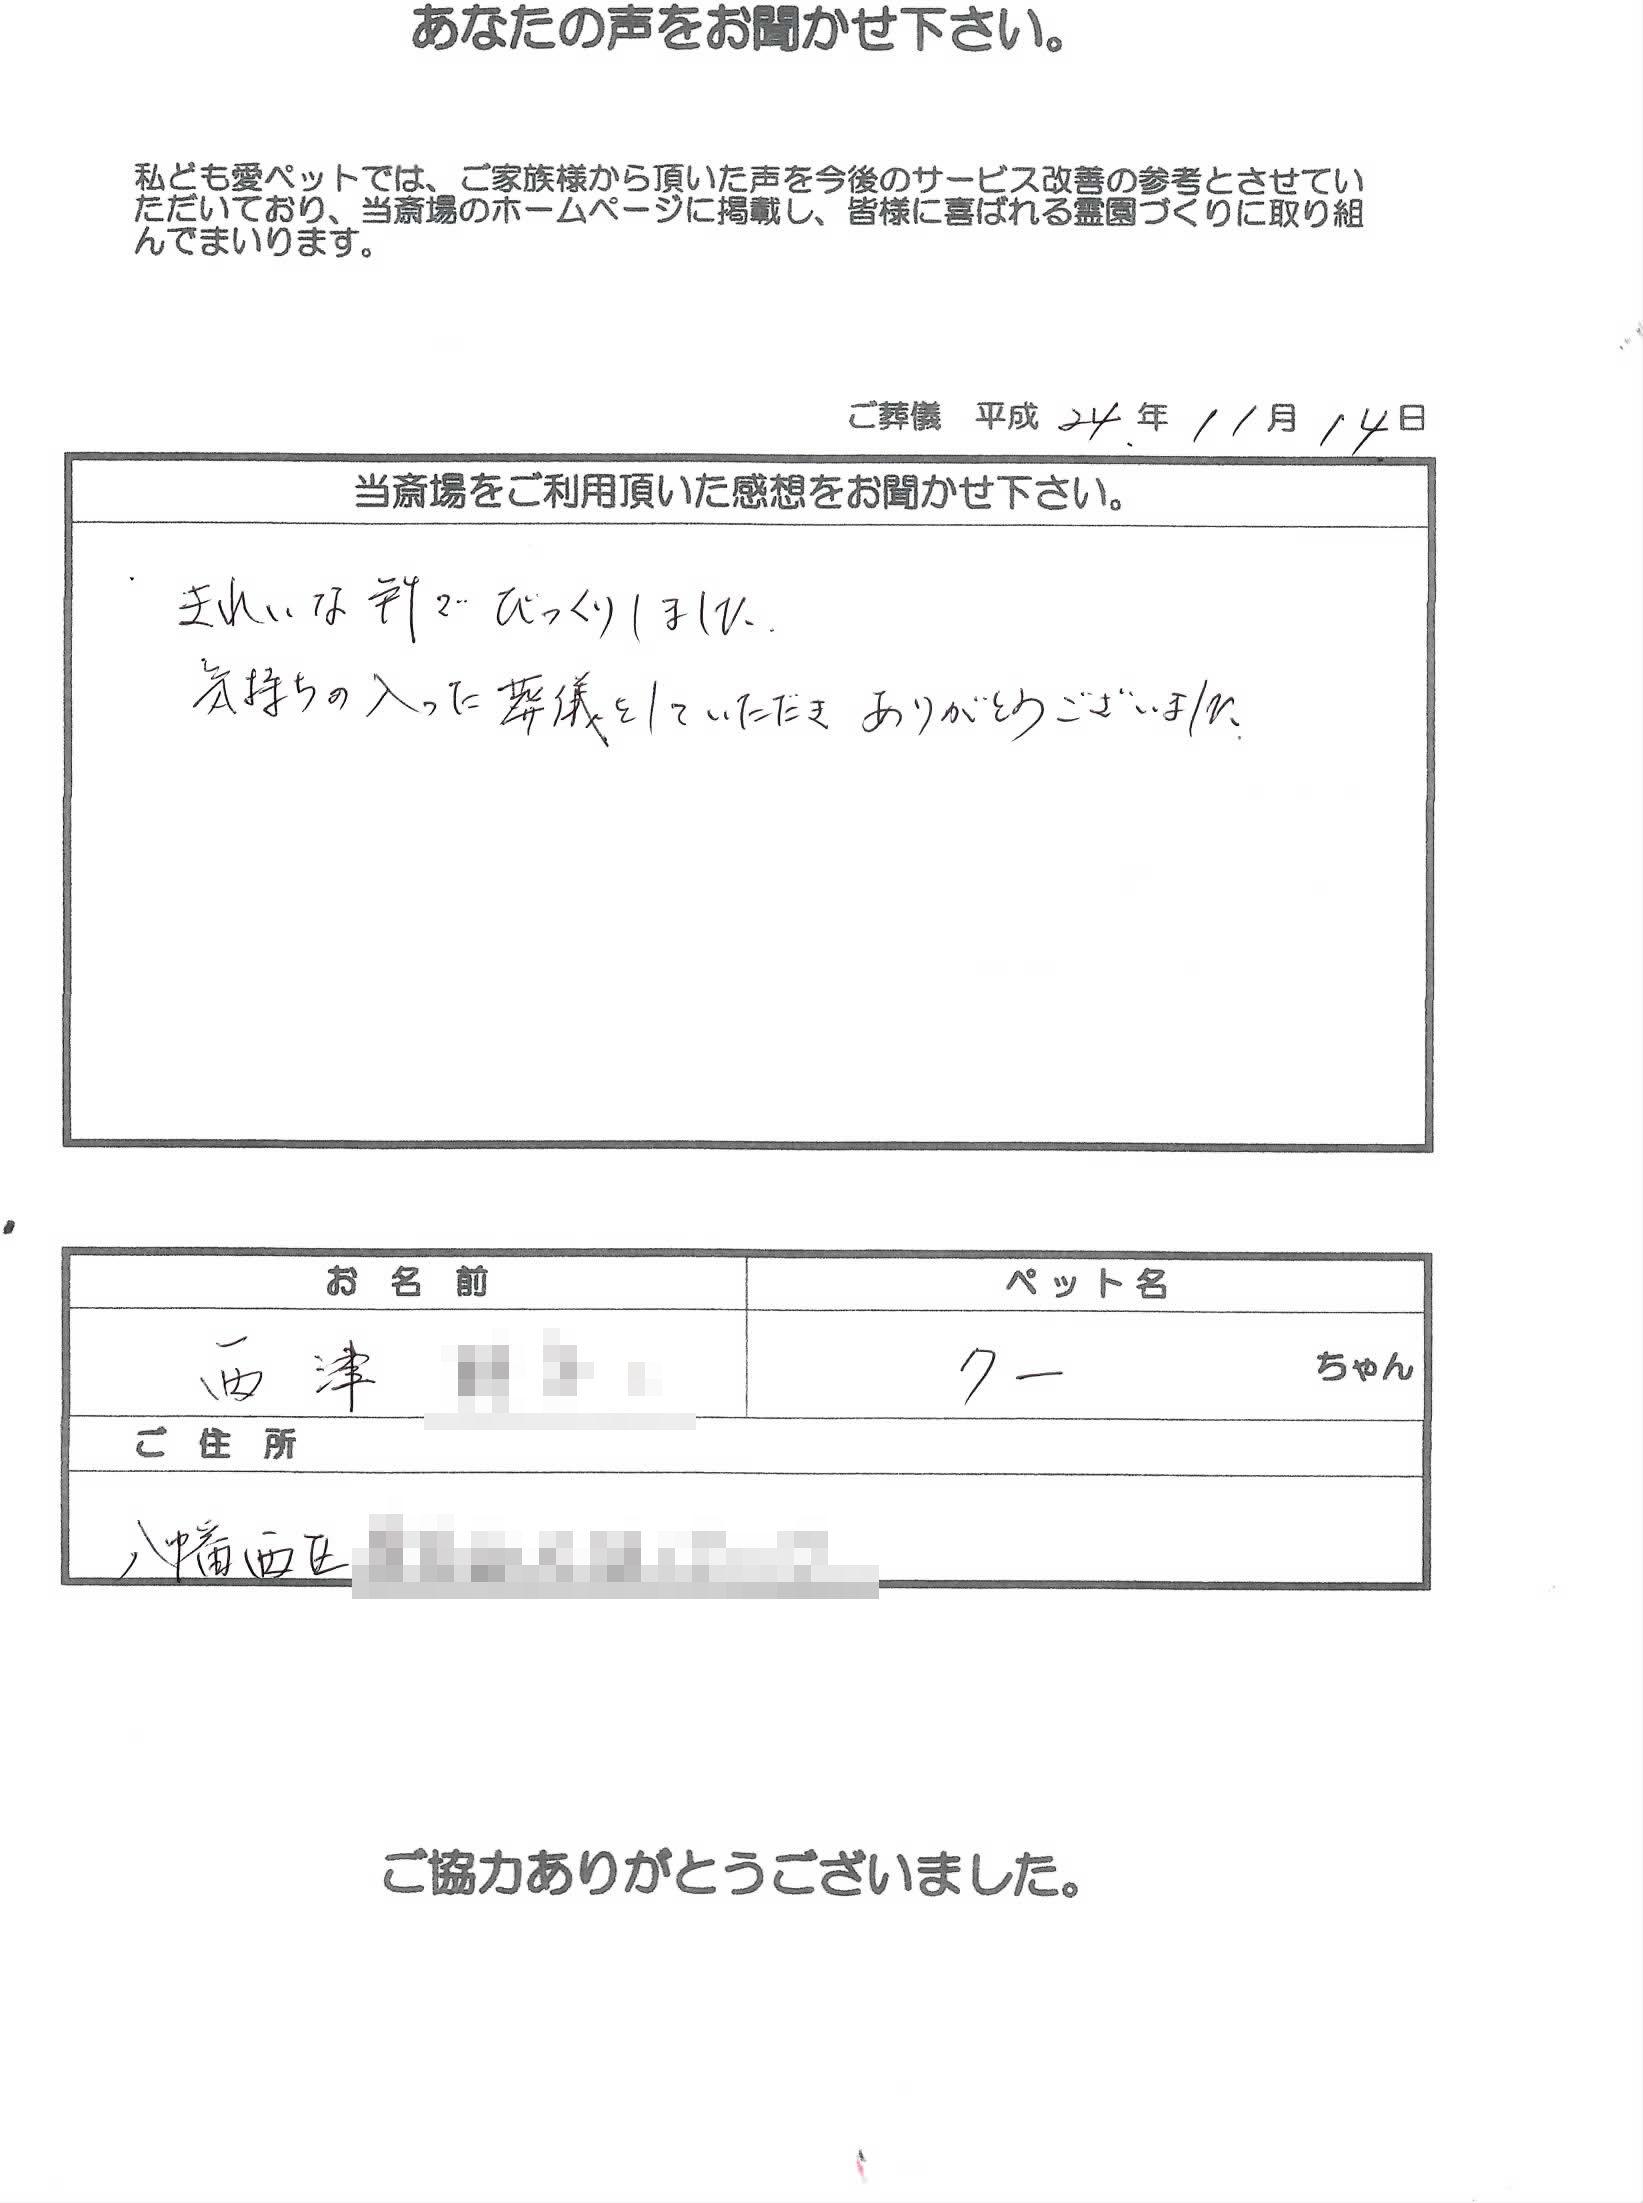 121114-1.jpg